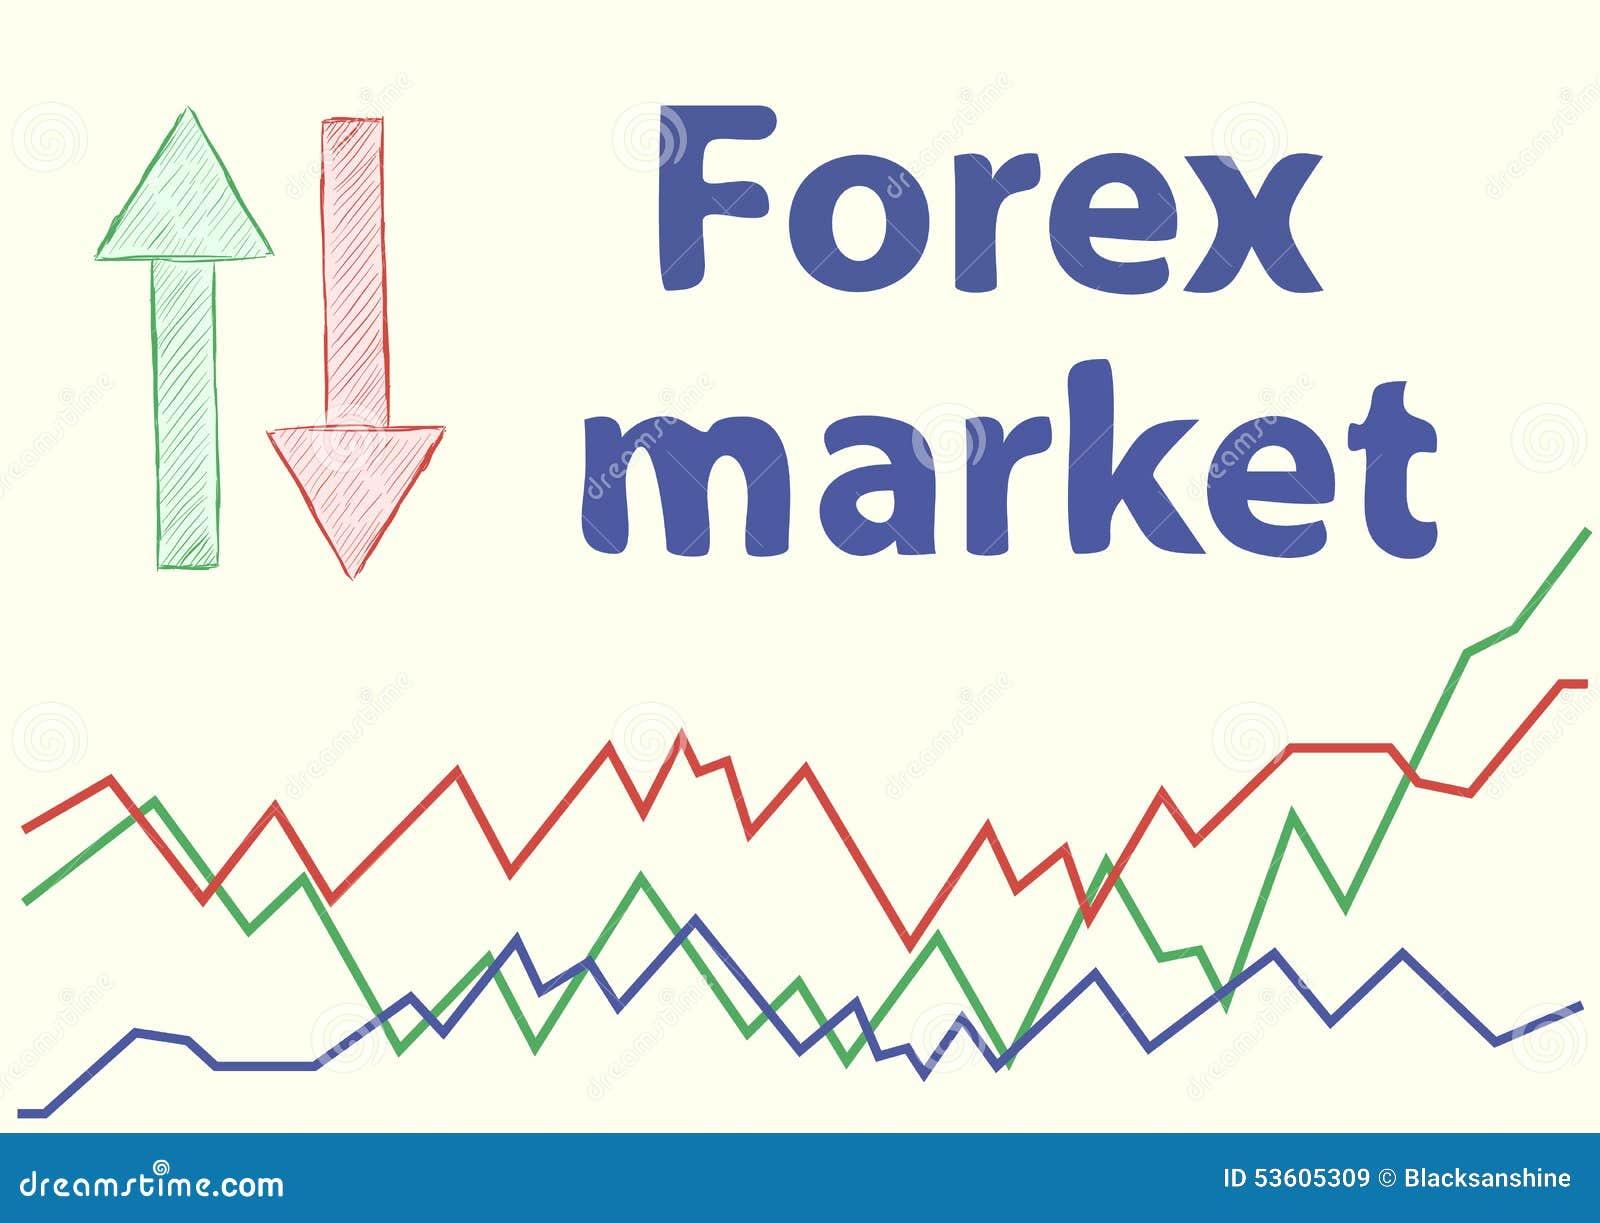 Forex market schedule